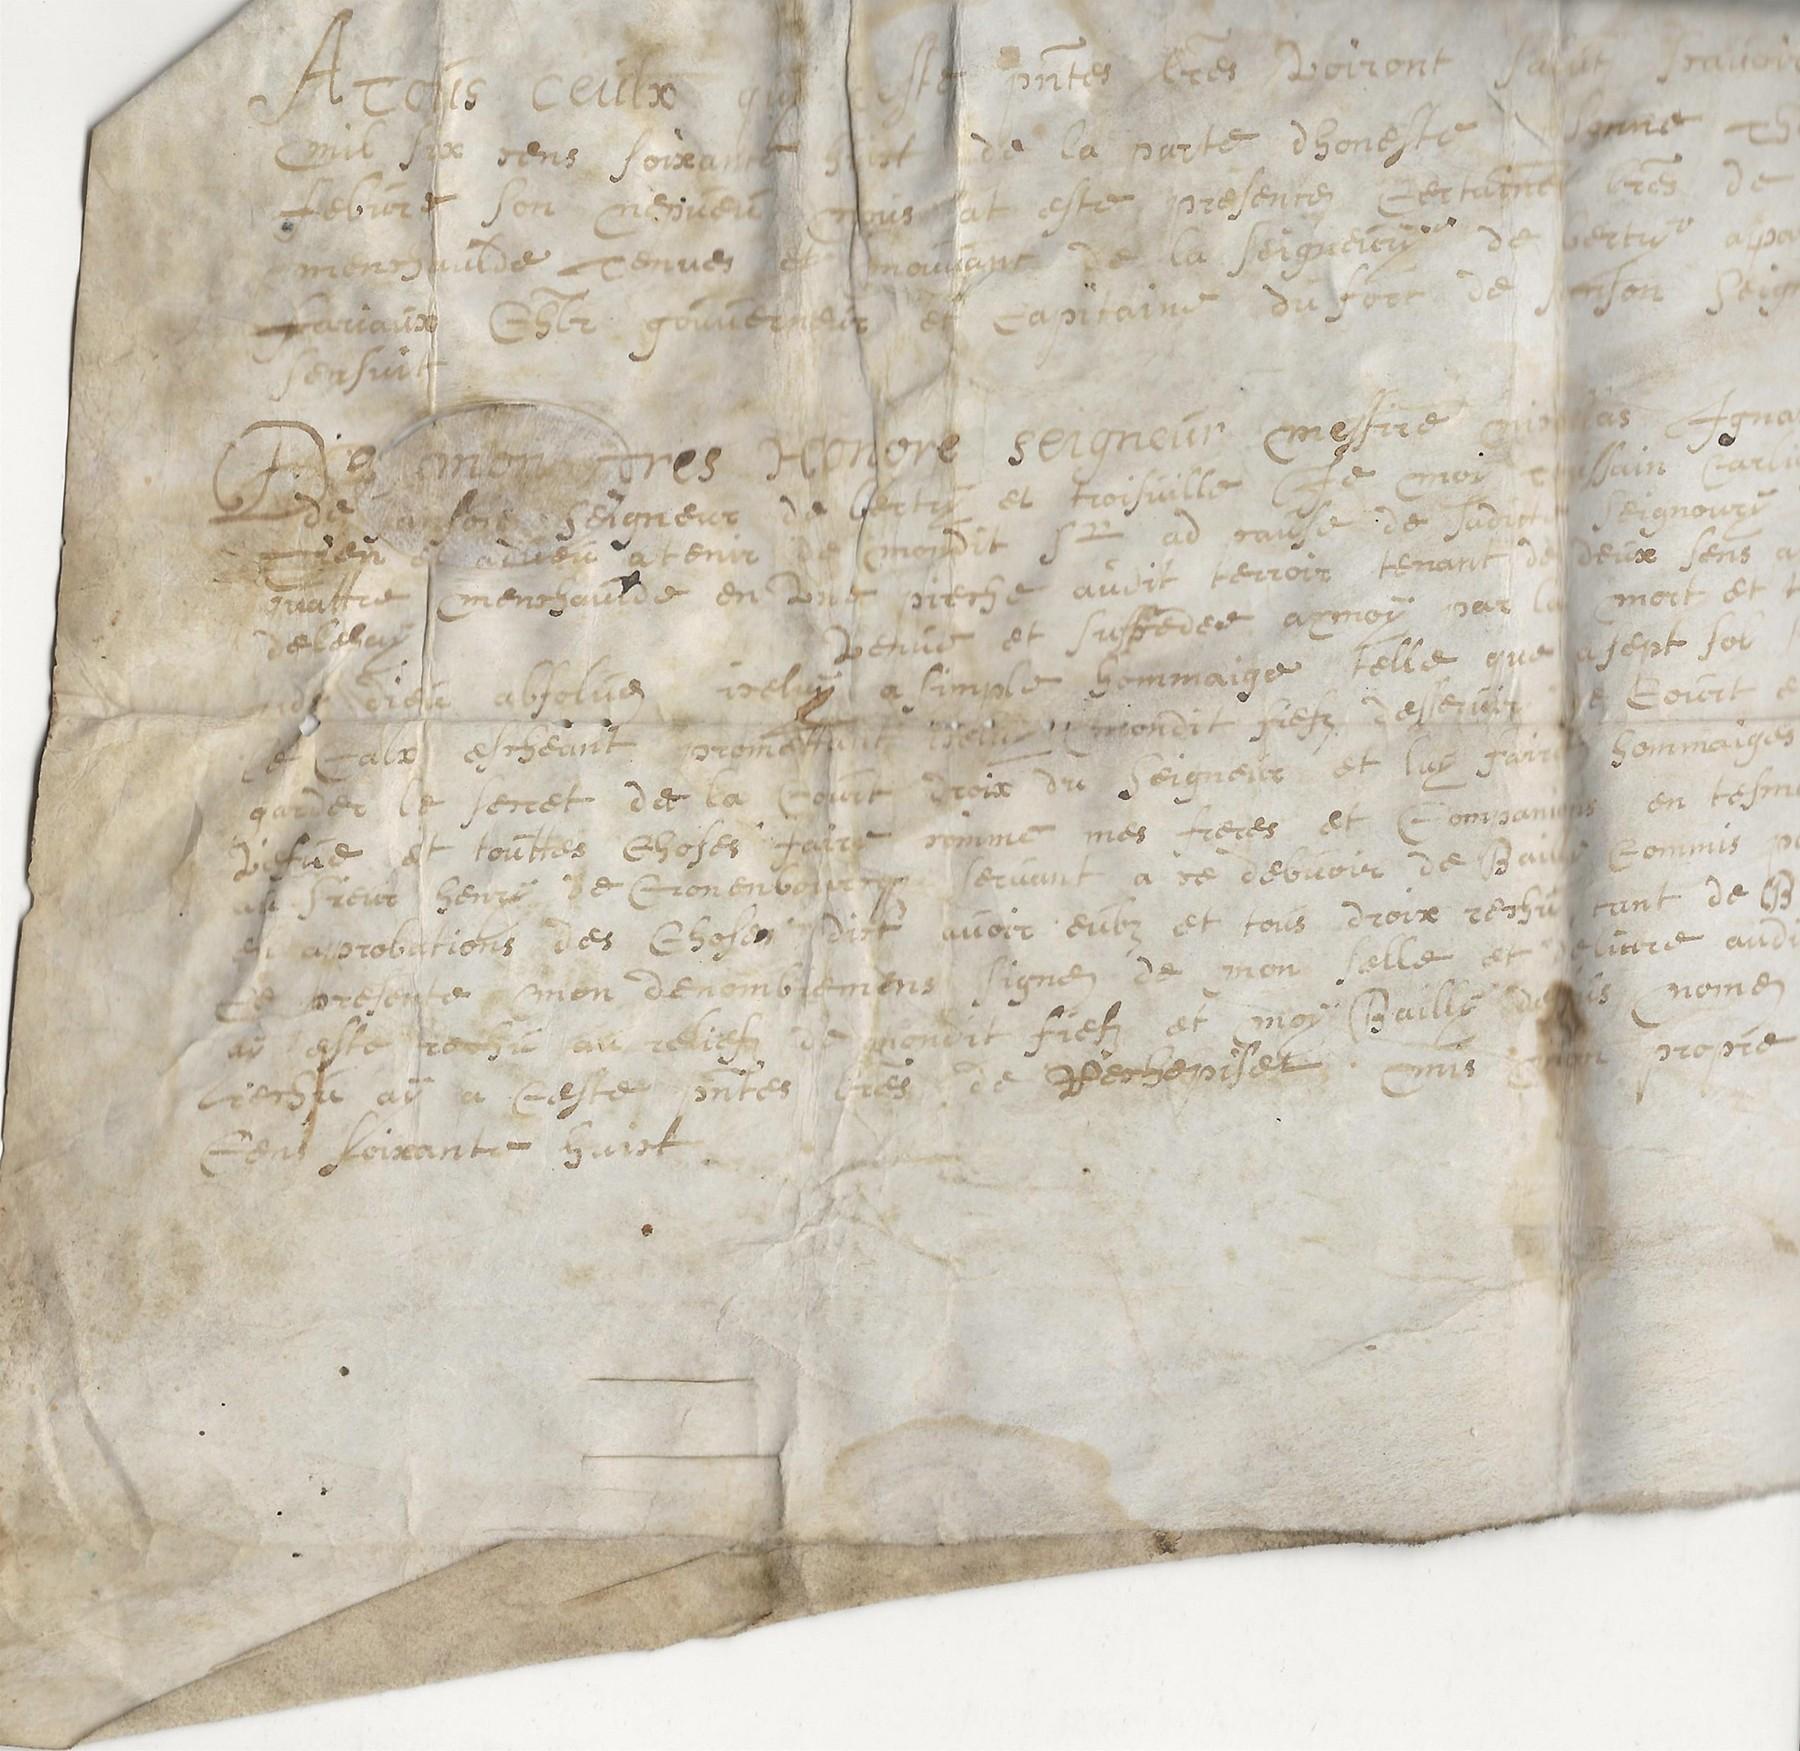 1669 toussaint carlier vente martin lefebvre 3